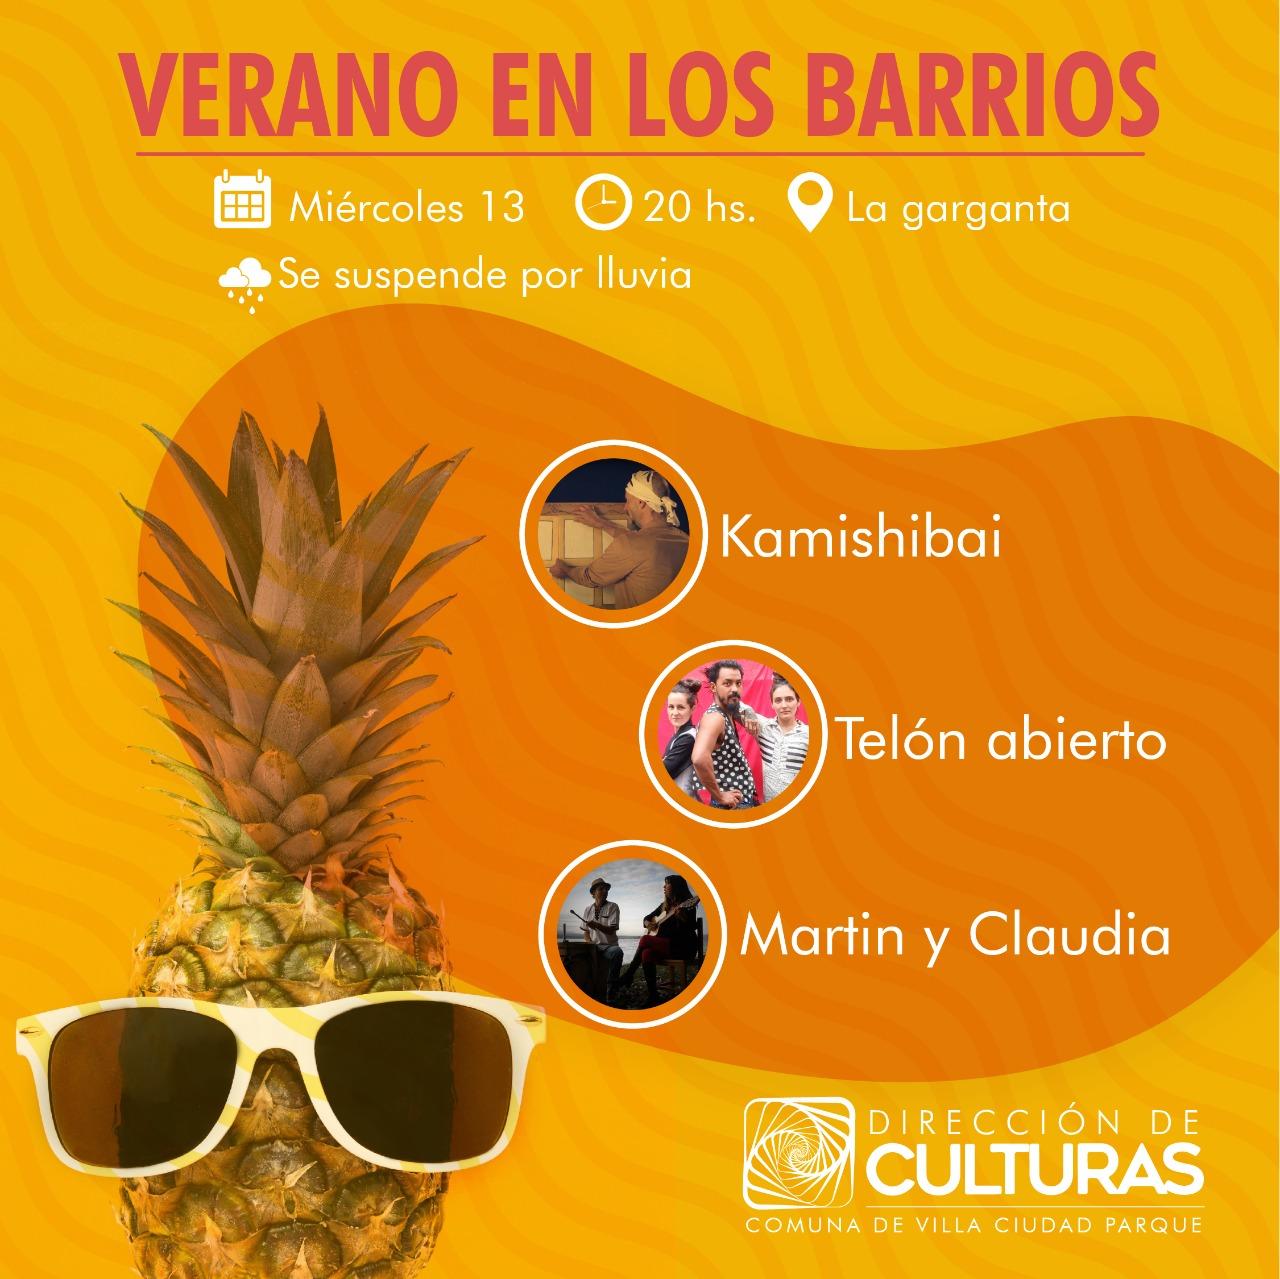 Verano en los barrios: agenda de Villa Ciudad Parque